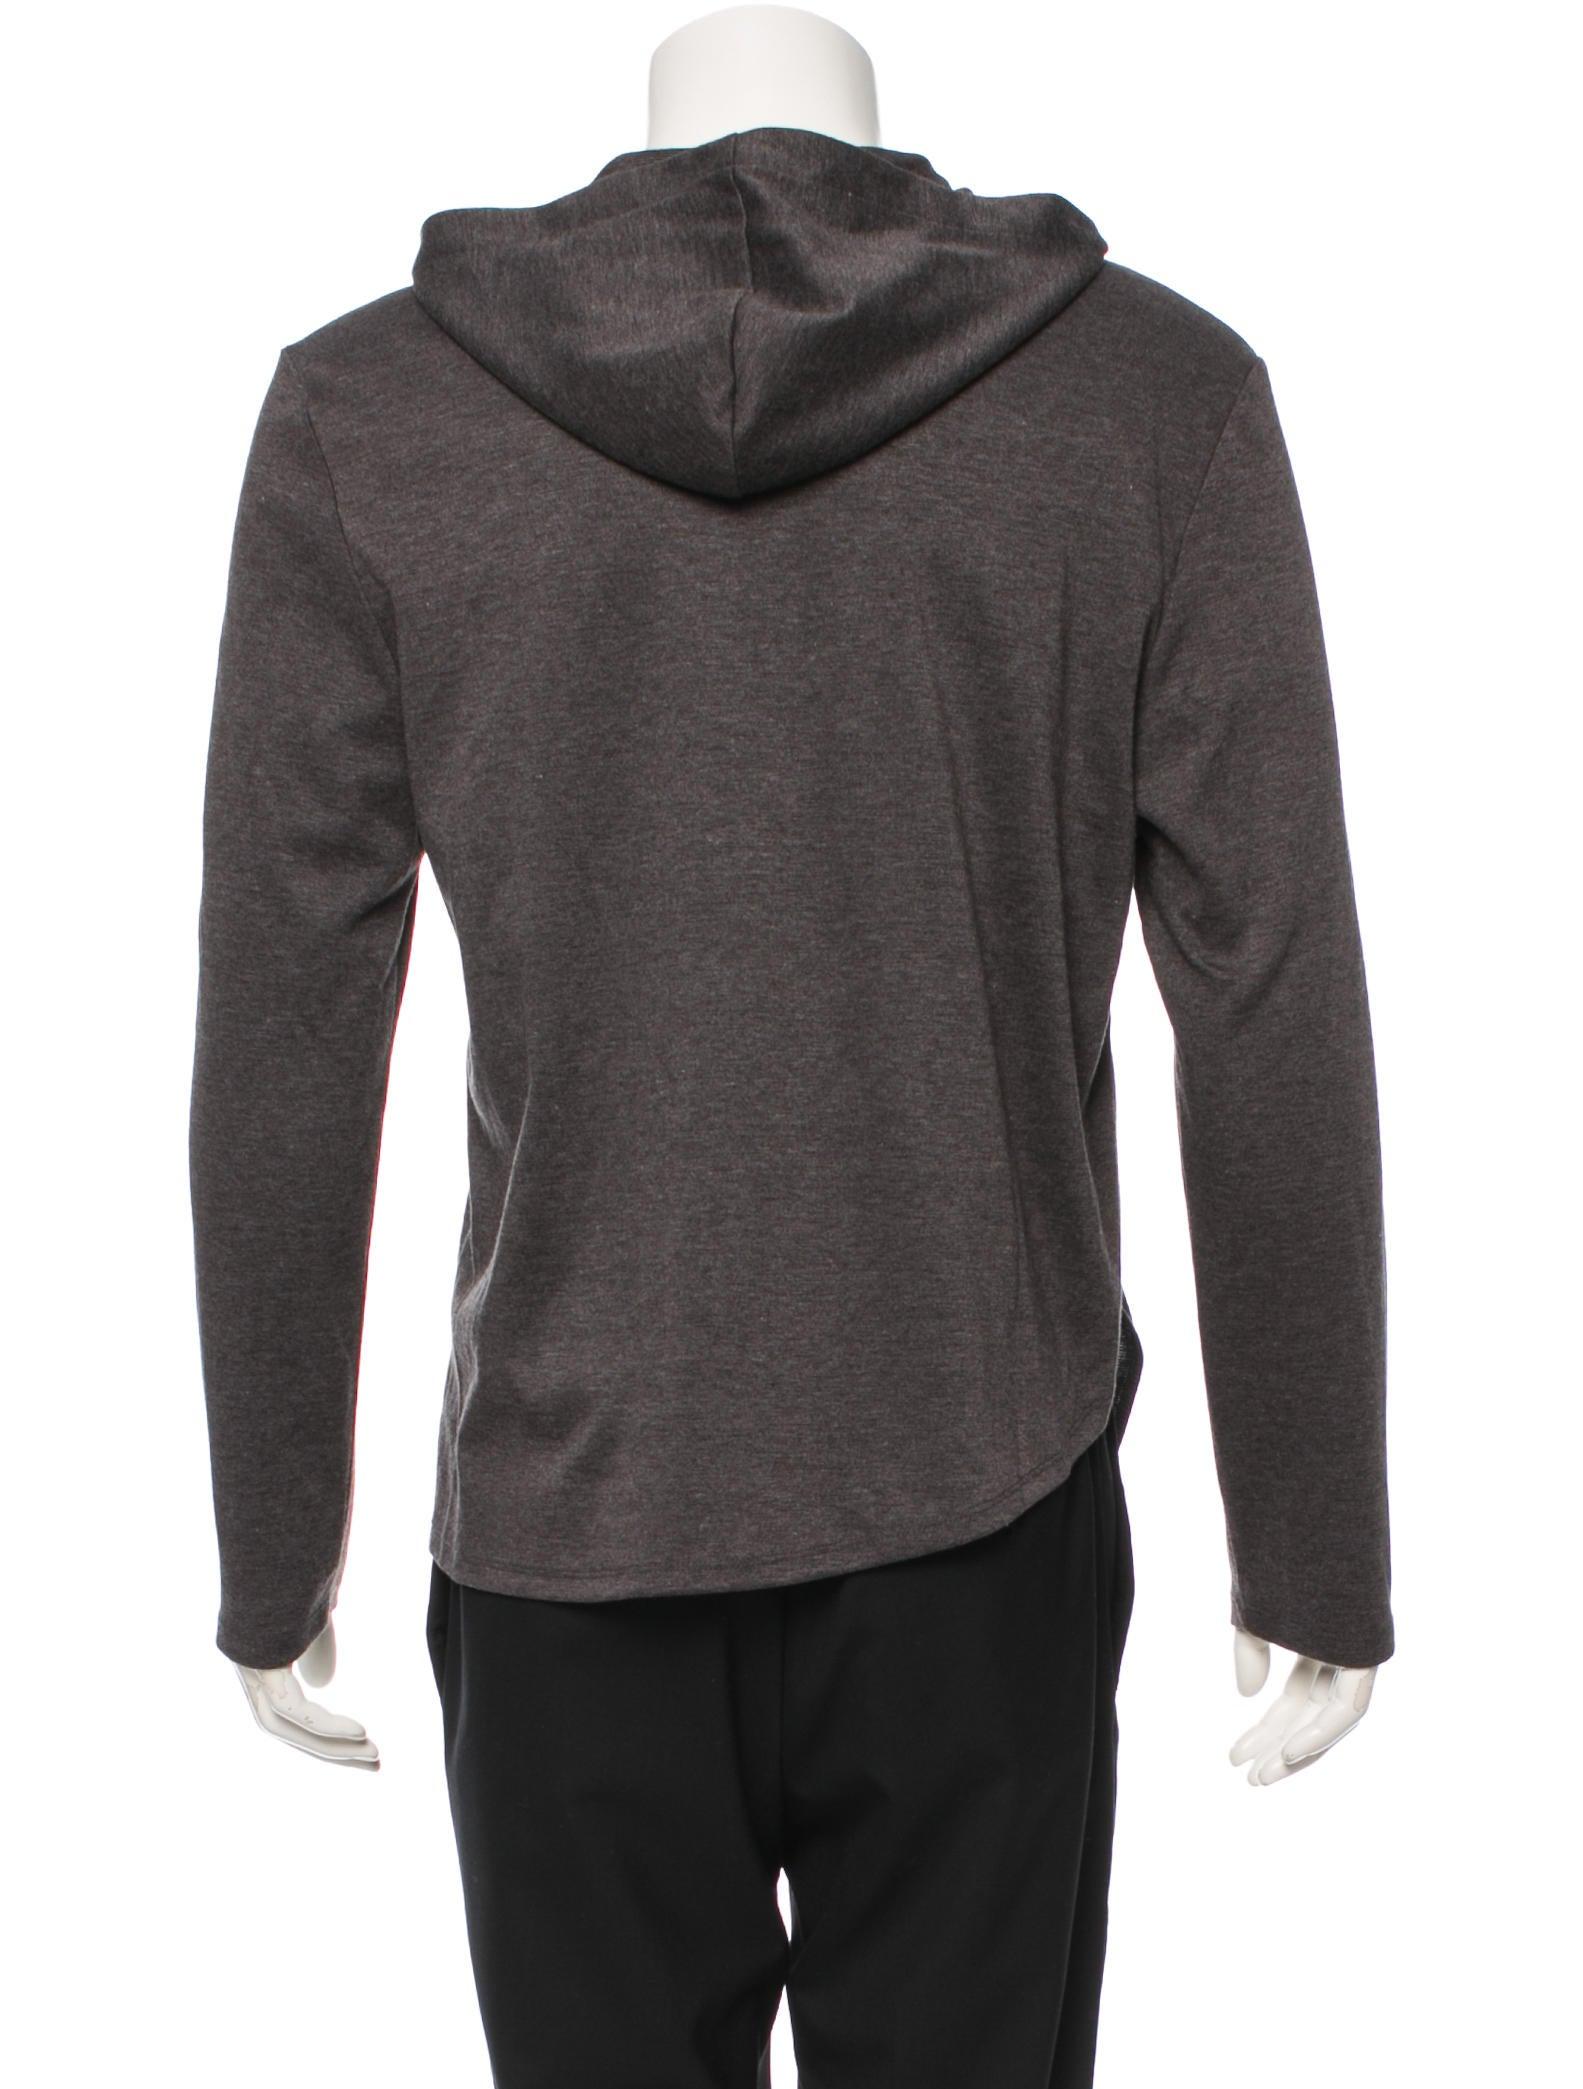 Ribcage hoodie